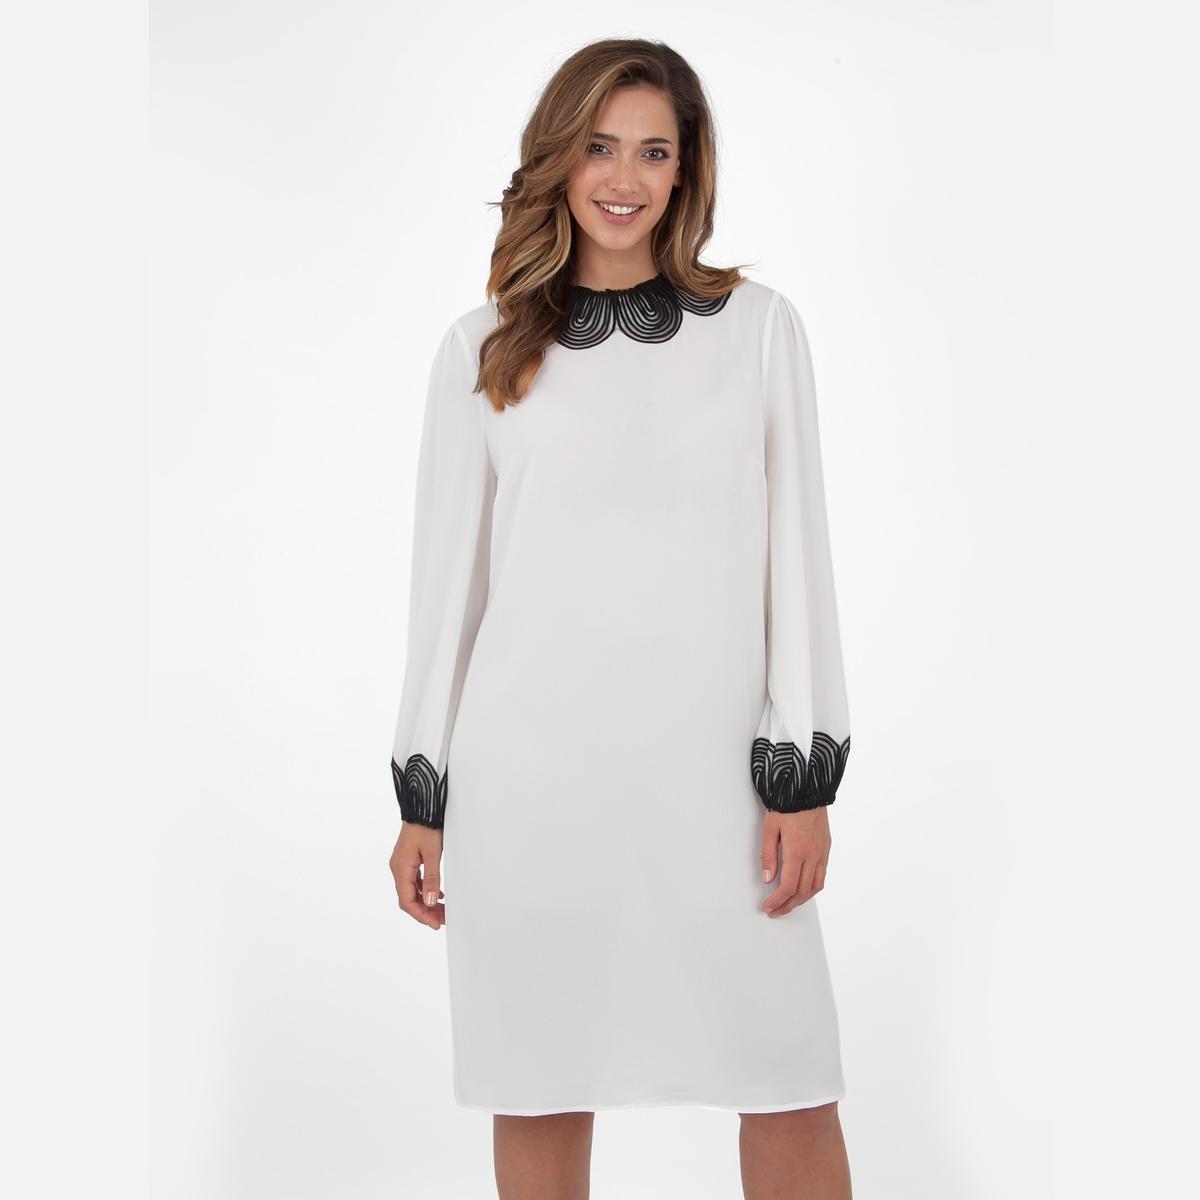 ПлатьеПлатье с длинными руквами - LOVEDROBE. Изящная отделка выреза и манжет. Длина ок.104 см. 100% полиэстера.<br><br>Цвет: слоновая кость<br>Размер: 54/56 (FR) - 60/62 (RUS).58/60 (FR) - 64/66 (RUS)